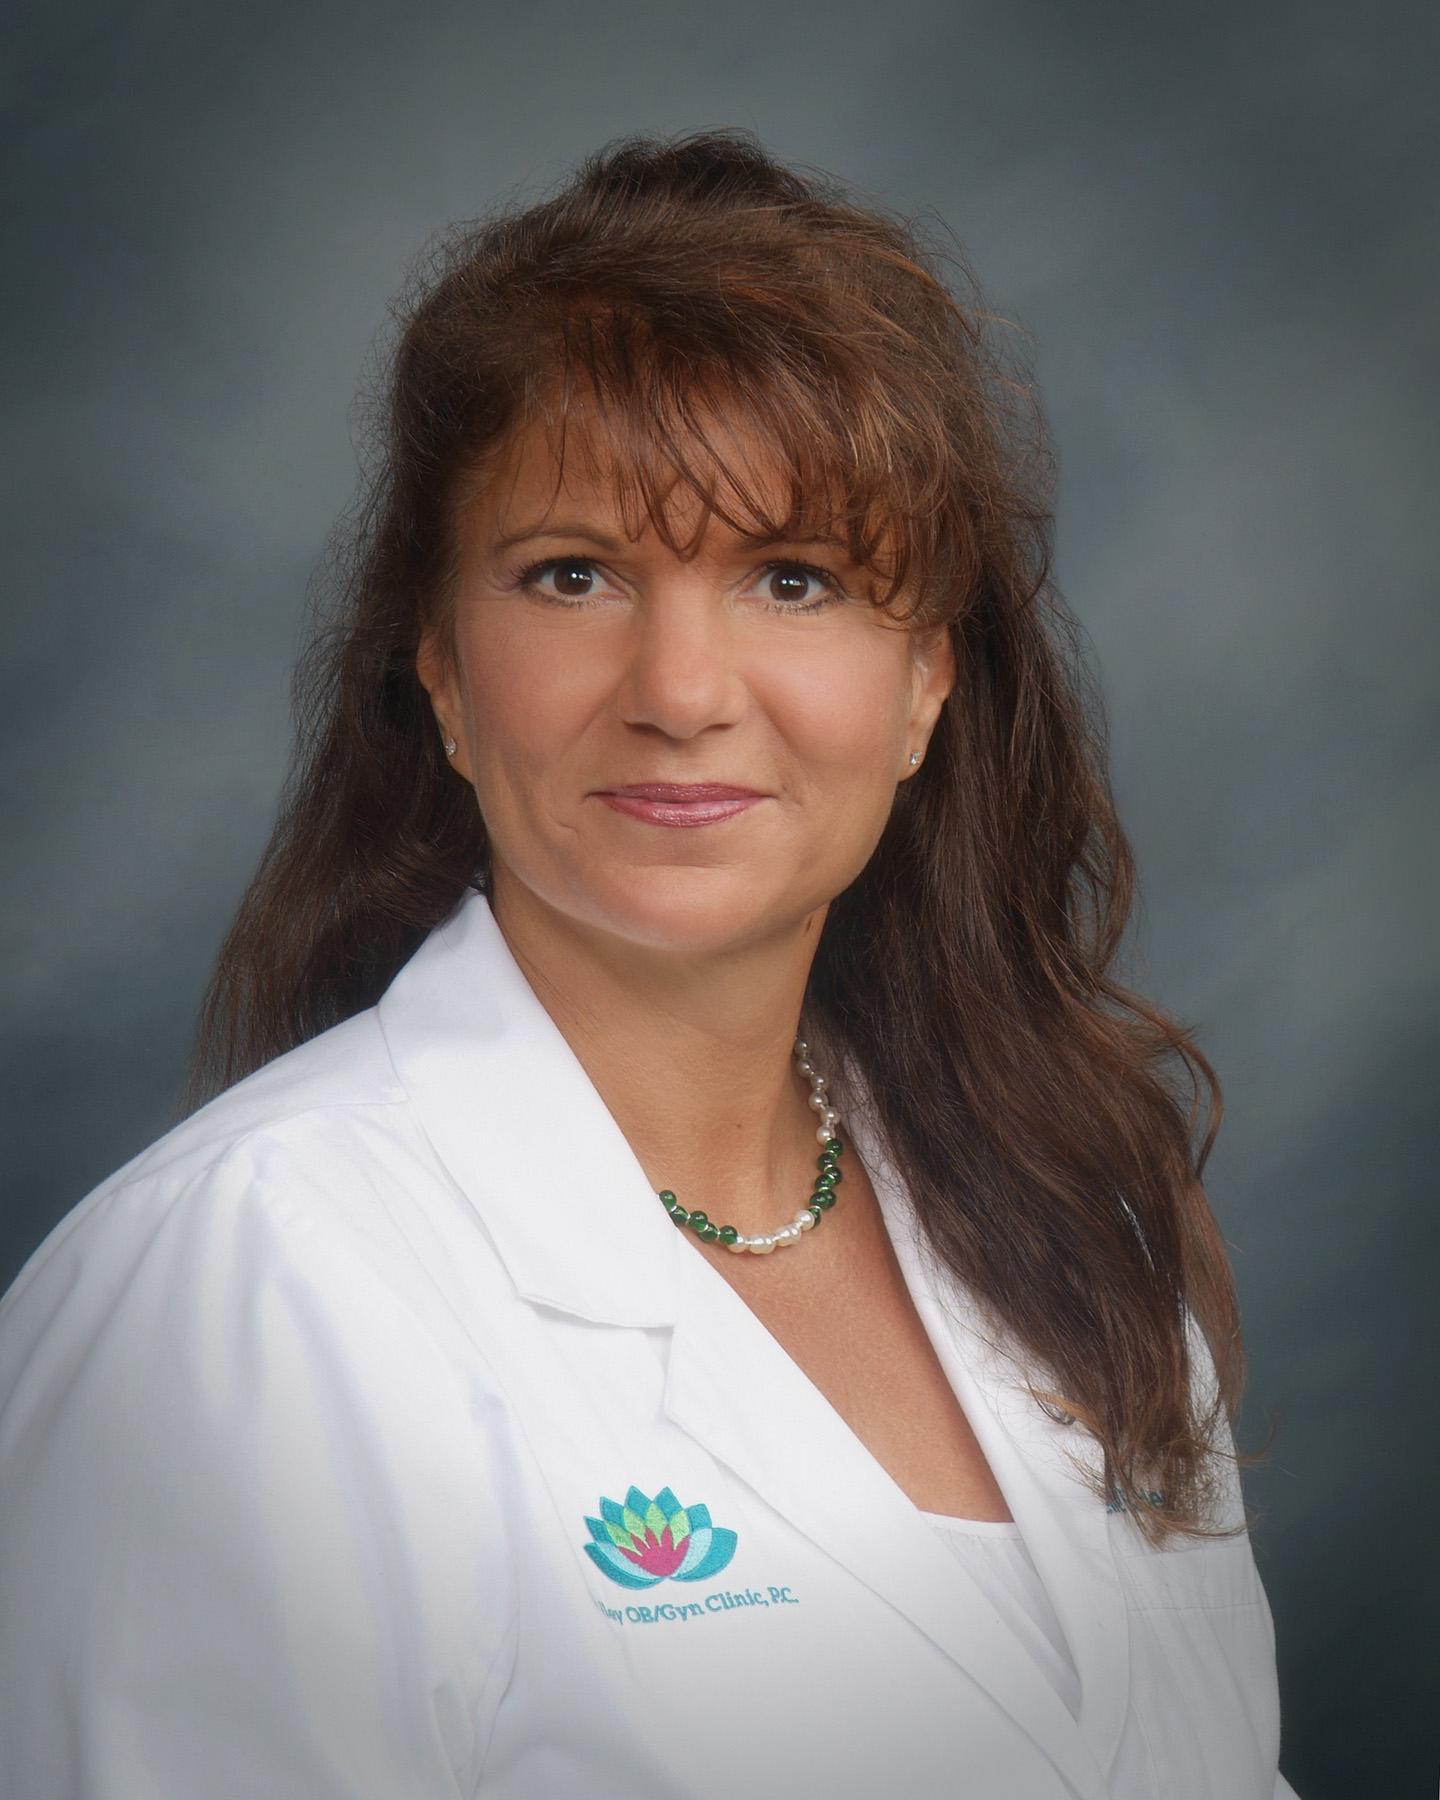 Michelle Bader, Certified Nurse